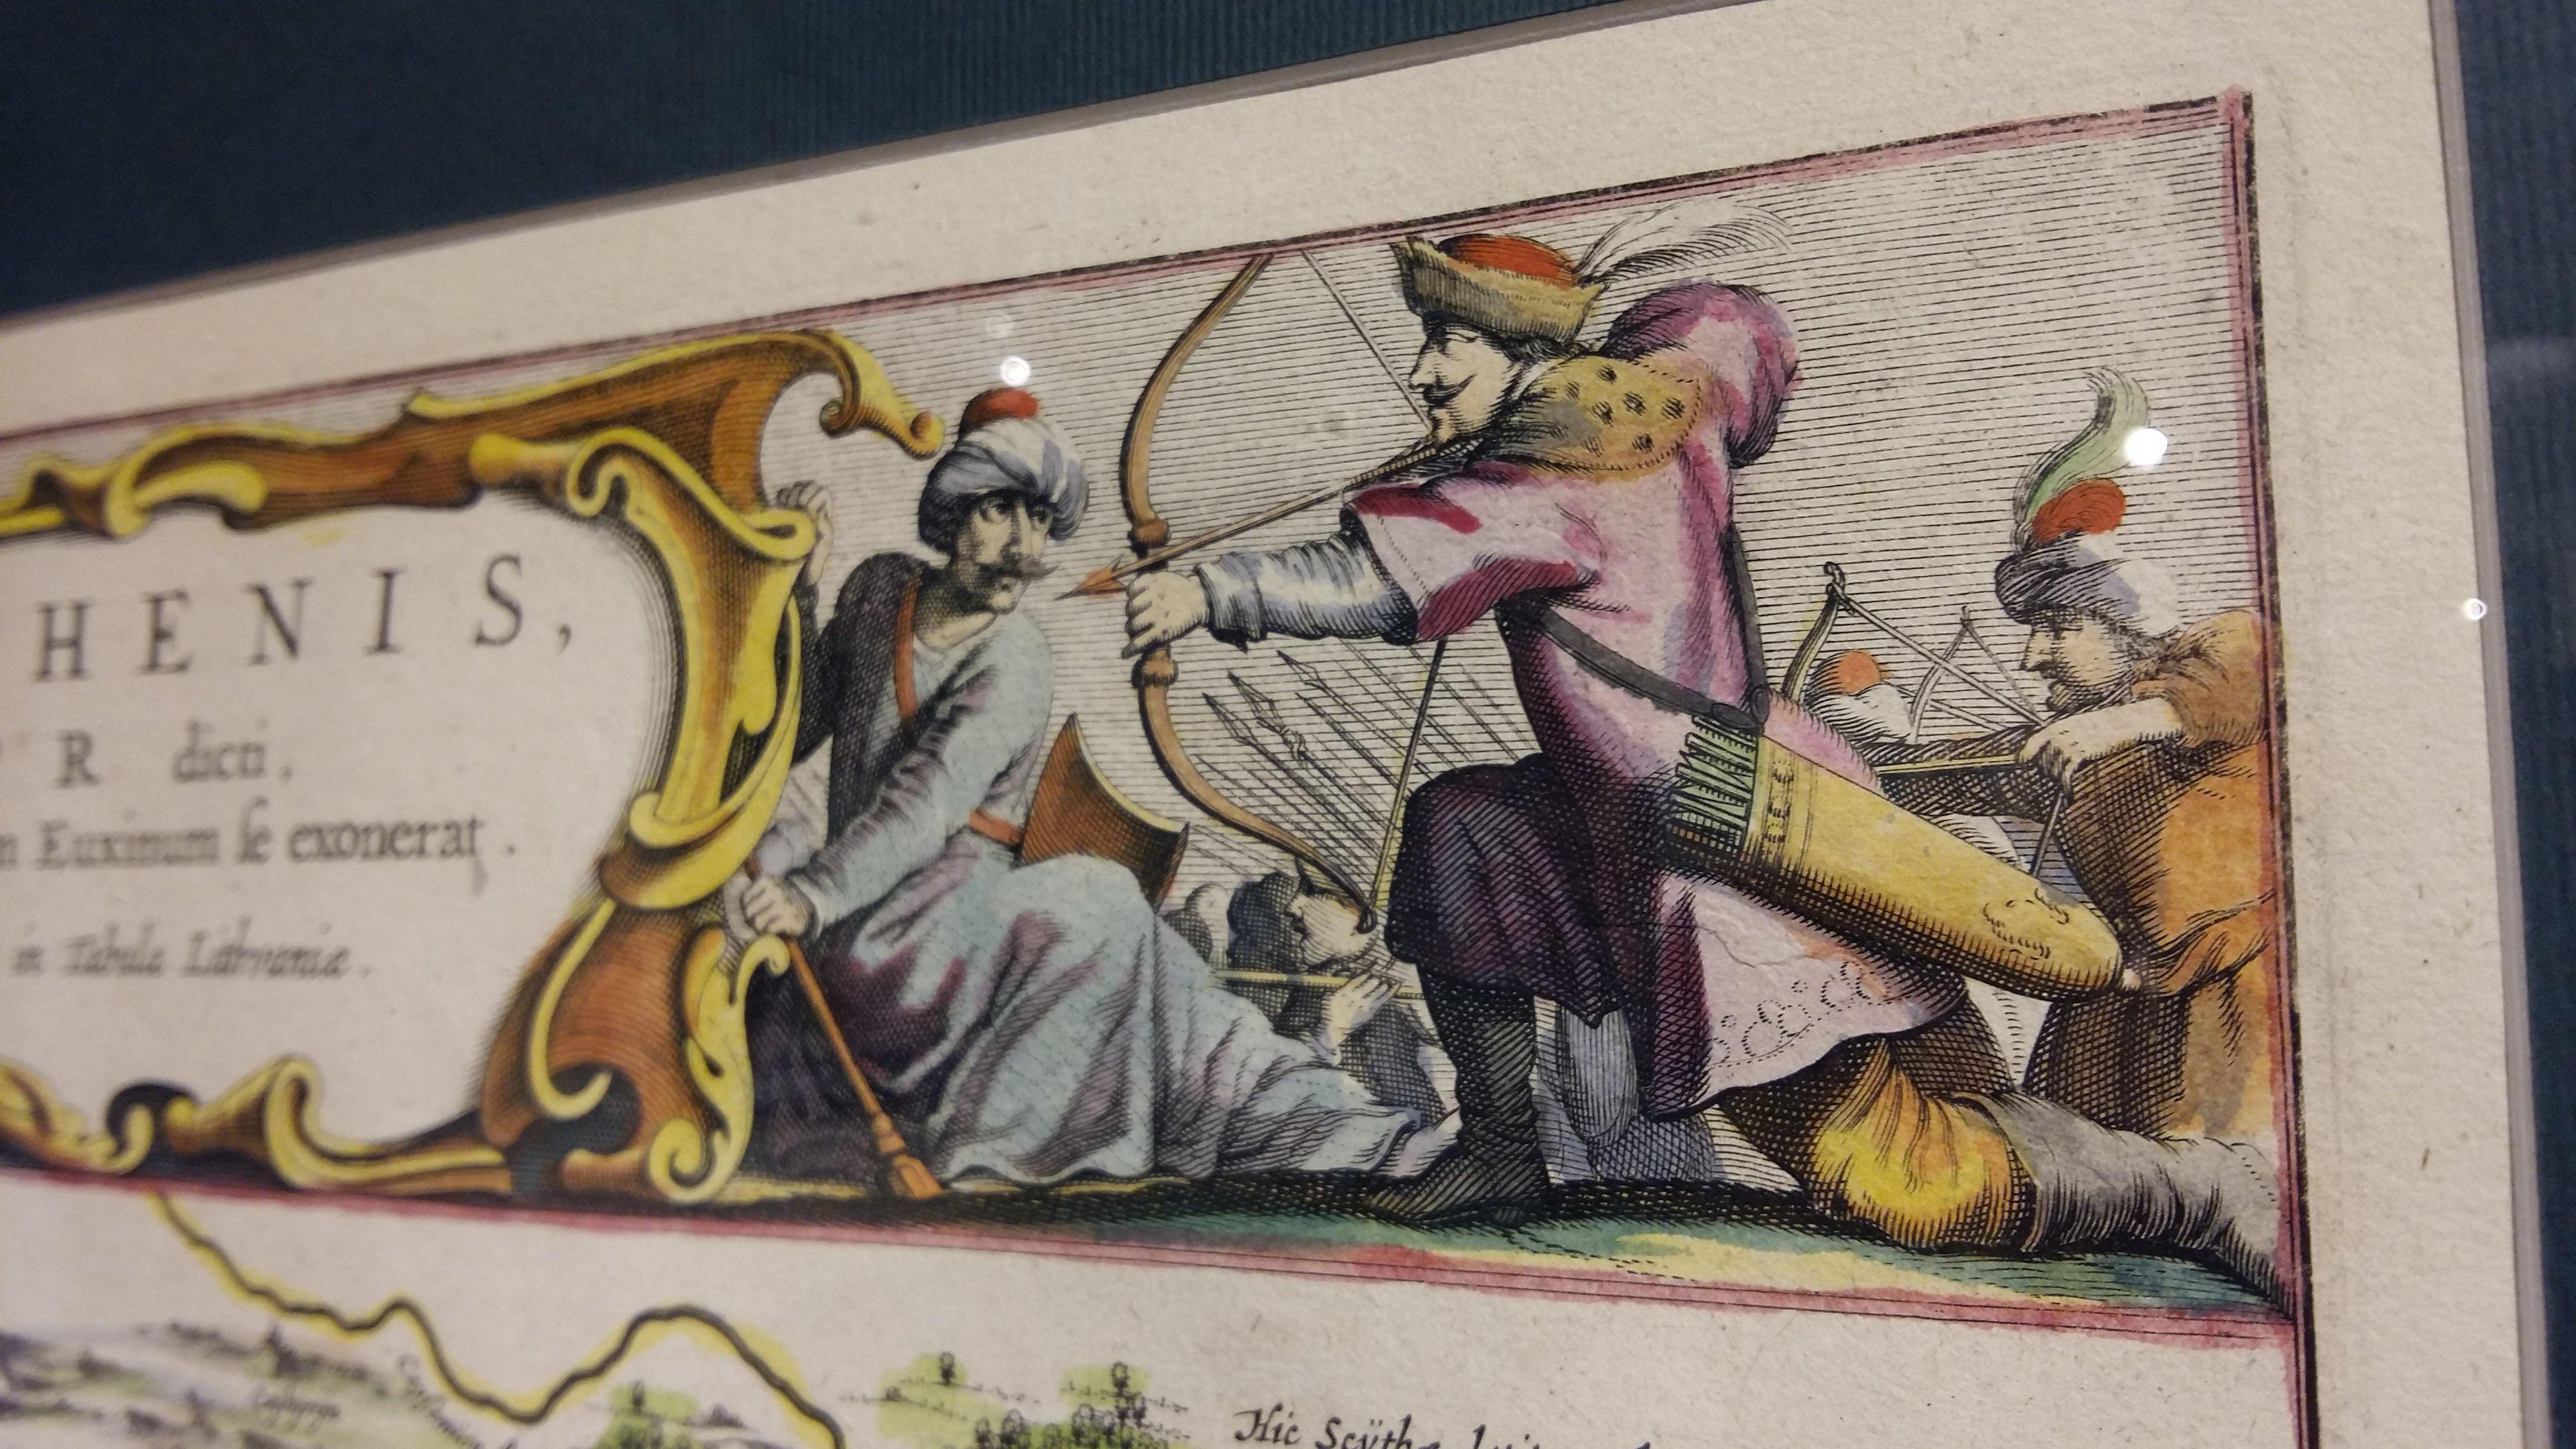 Элитные подарки, эксклюзивные подарки Киев, престижный подарок, антикварная книга, старинная книга, гравюра, vip gifts kiev